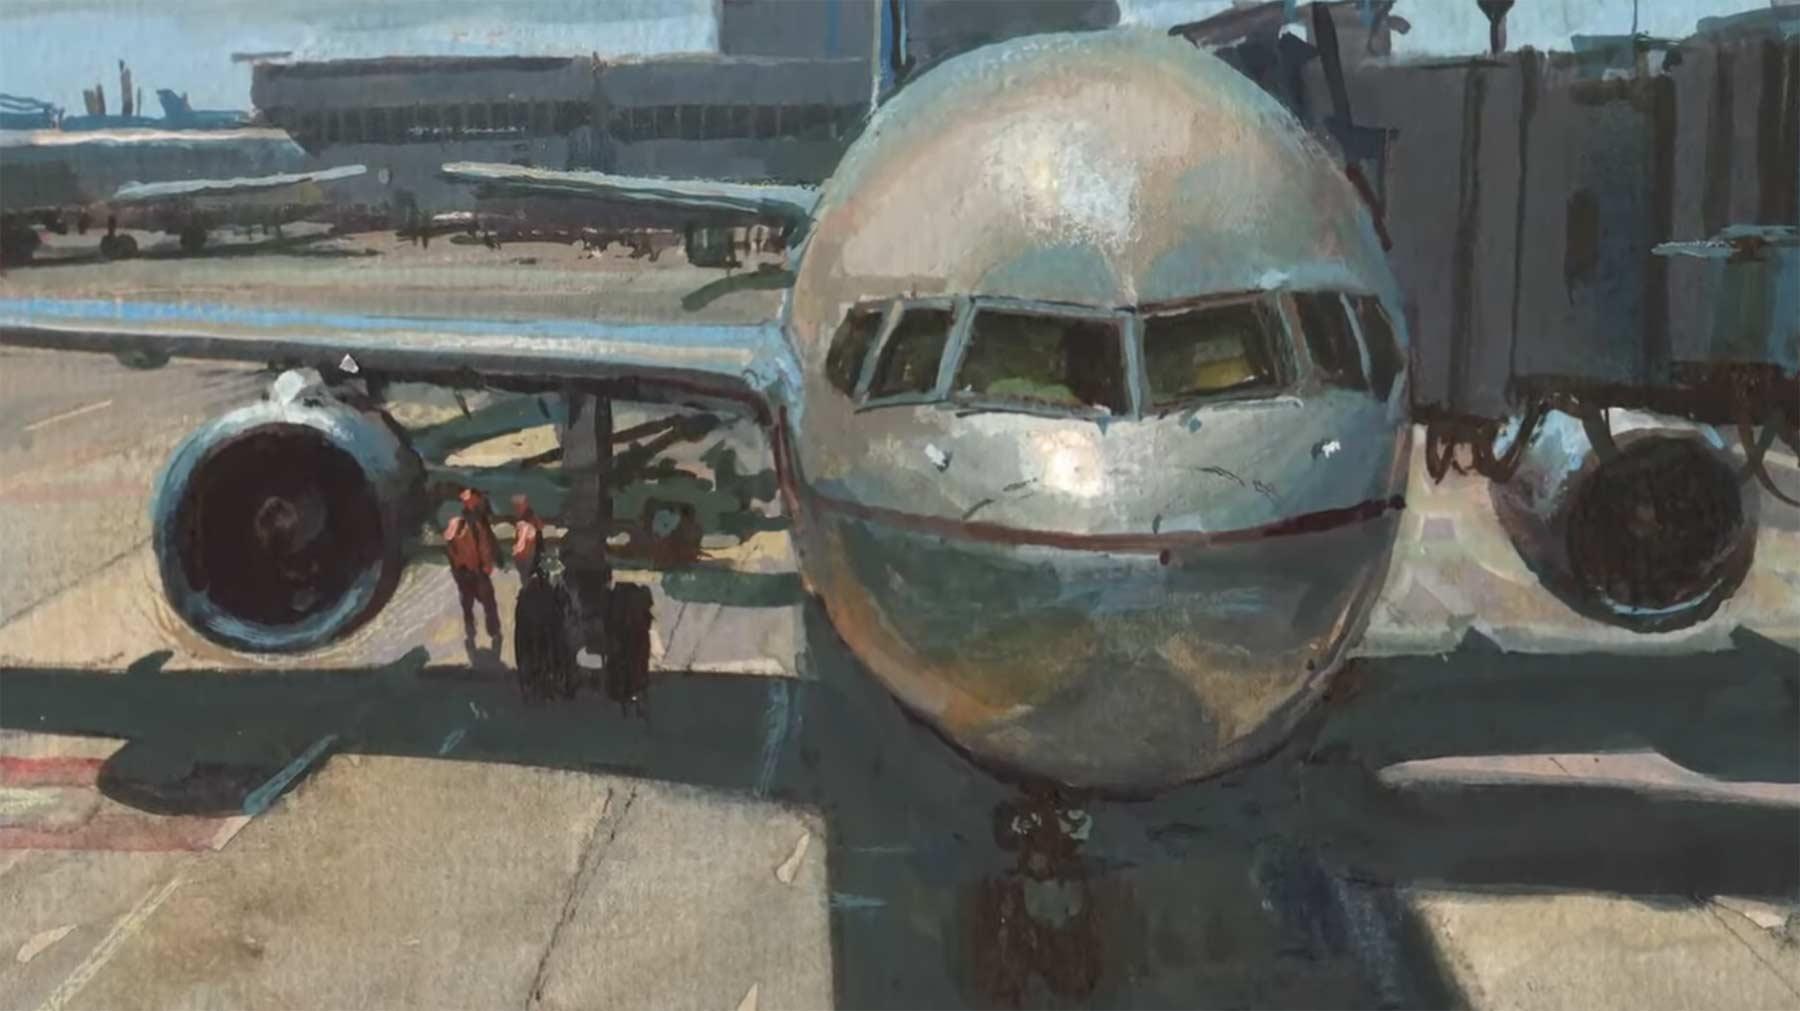 Ein Flugzeug beim Warten auf das Boarding malen Painting-an-Airliner-in-Gouache